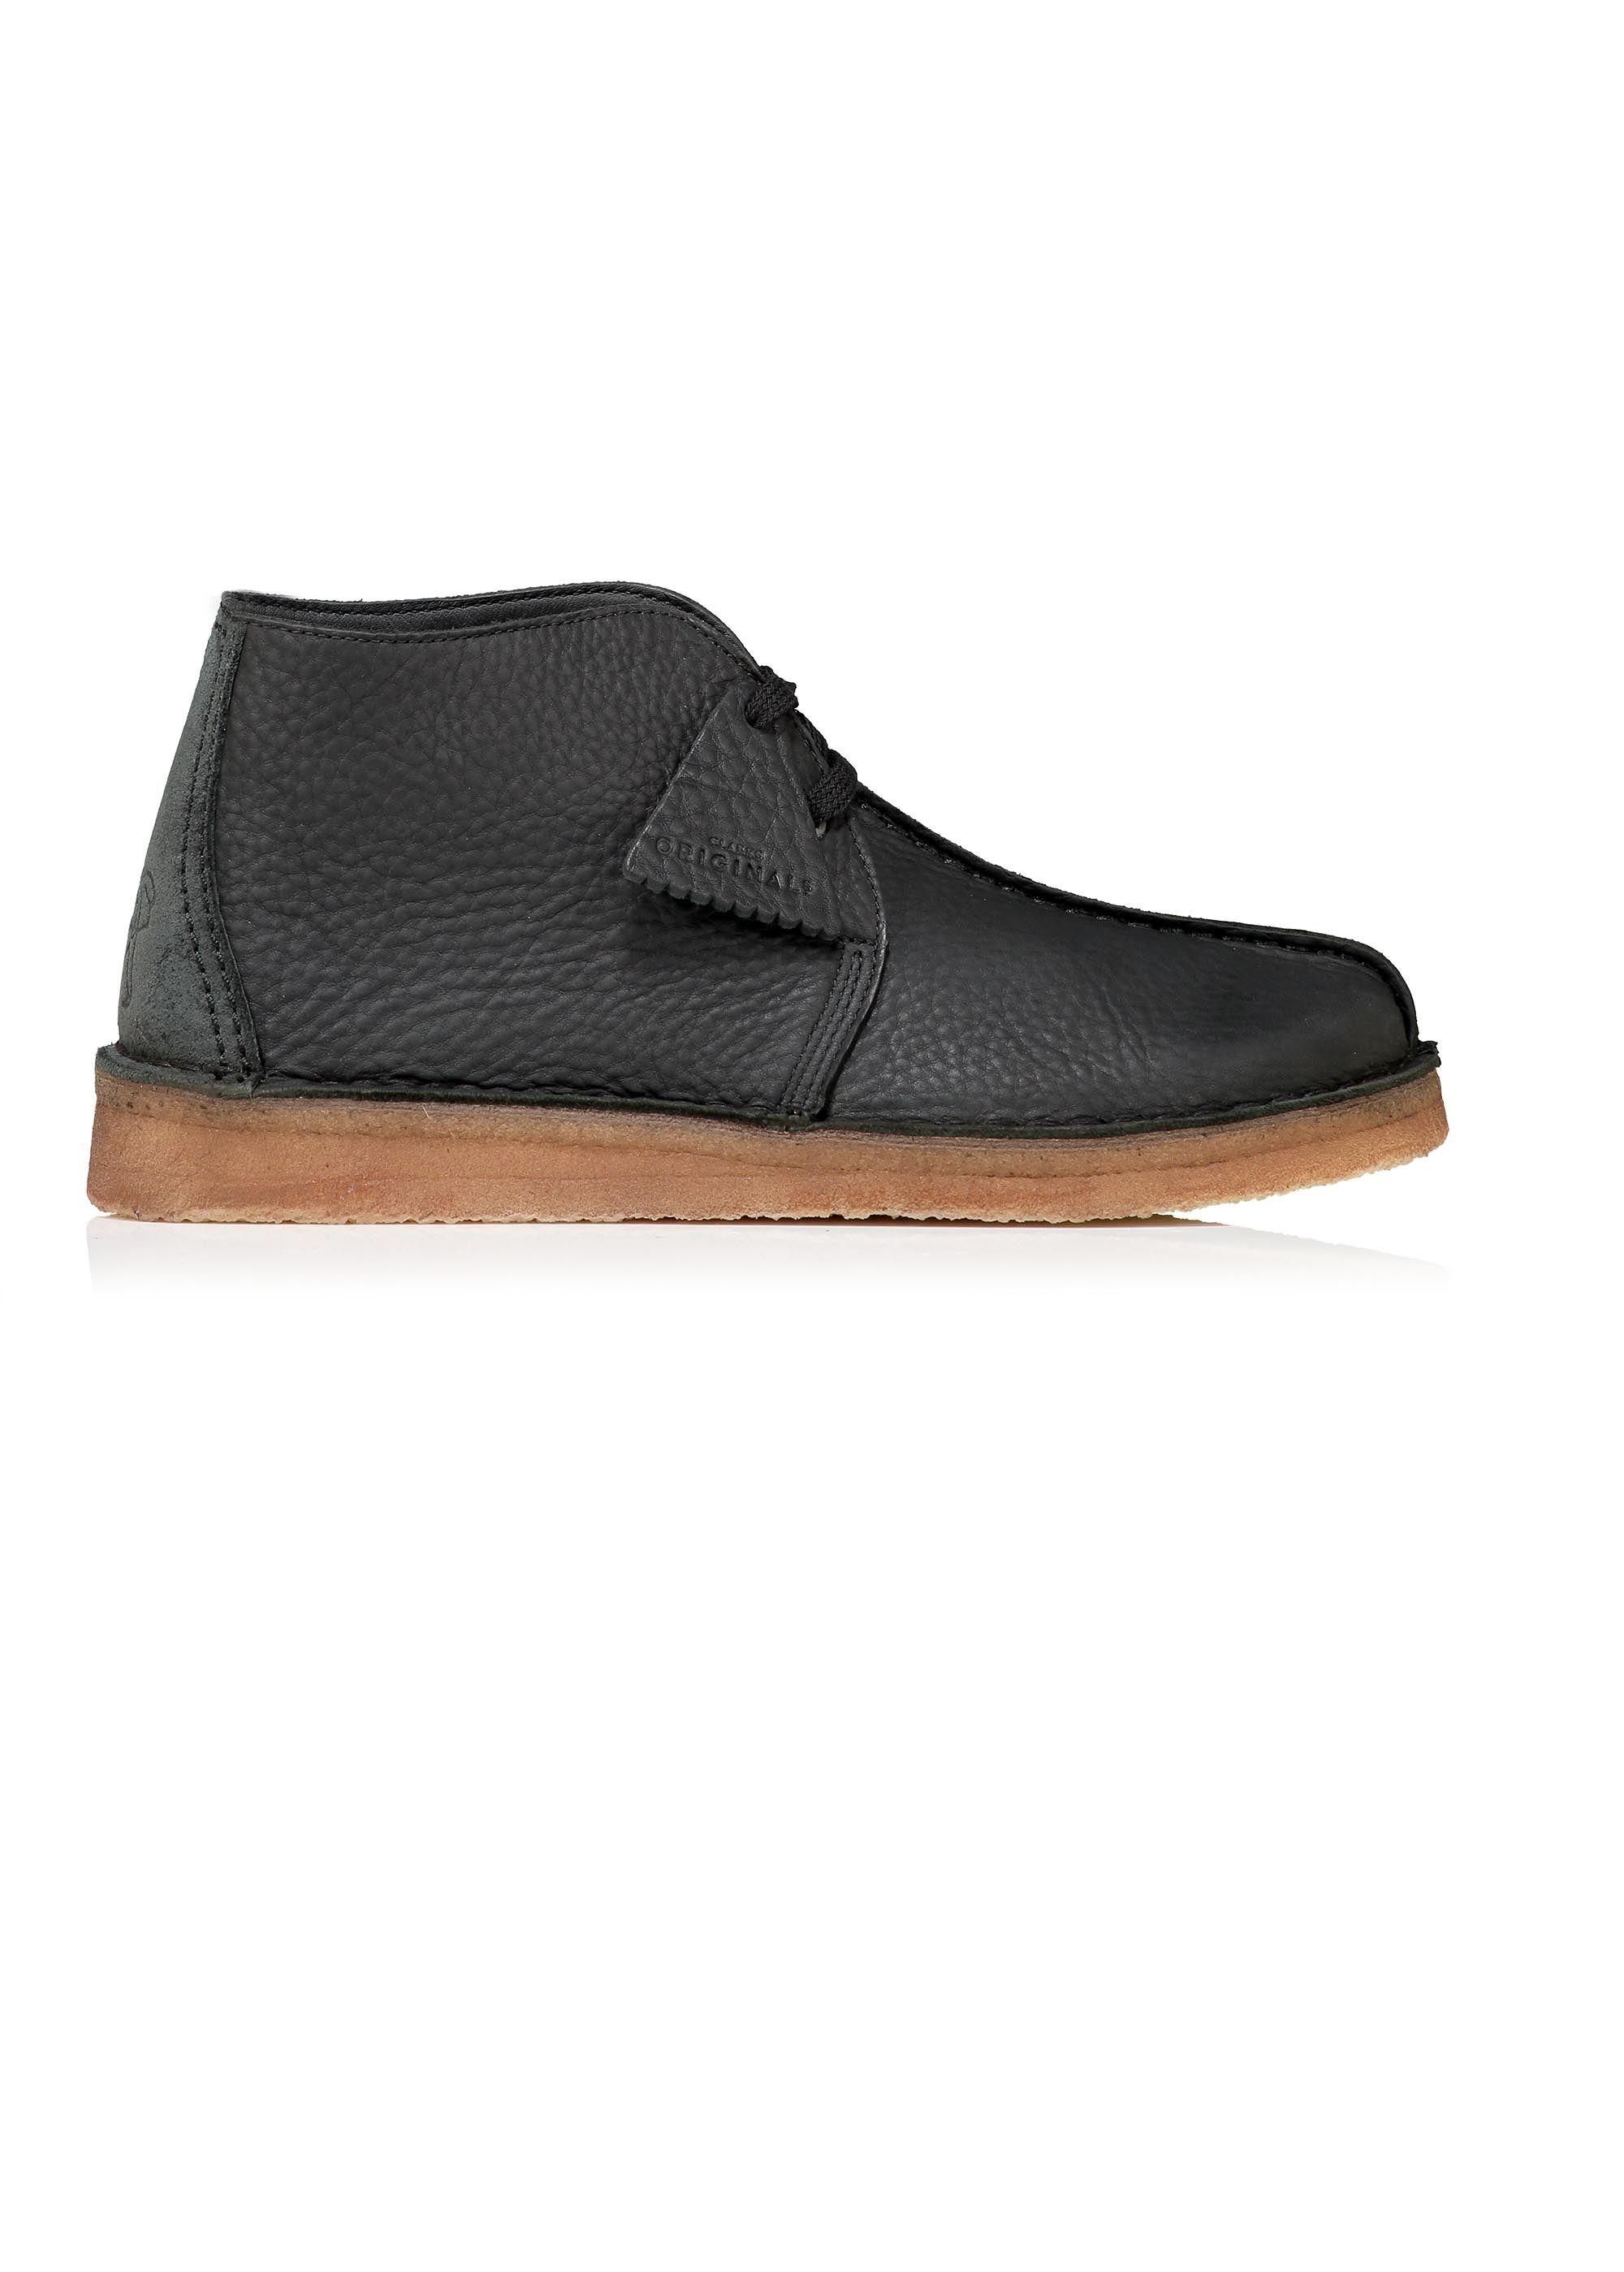 nieuwe afbeeldingen van ooit populair populair merk Clarks Originals Desert Trek Hi Leather - Black | Shoes in ...